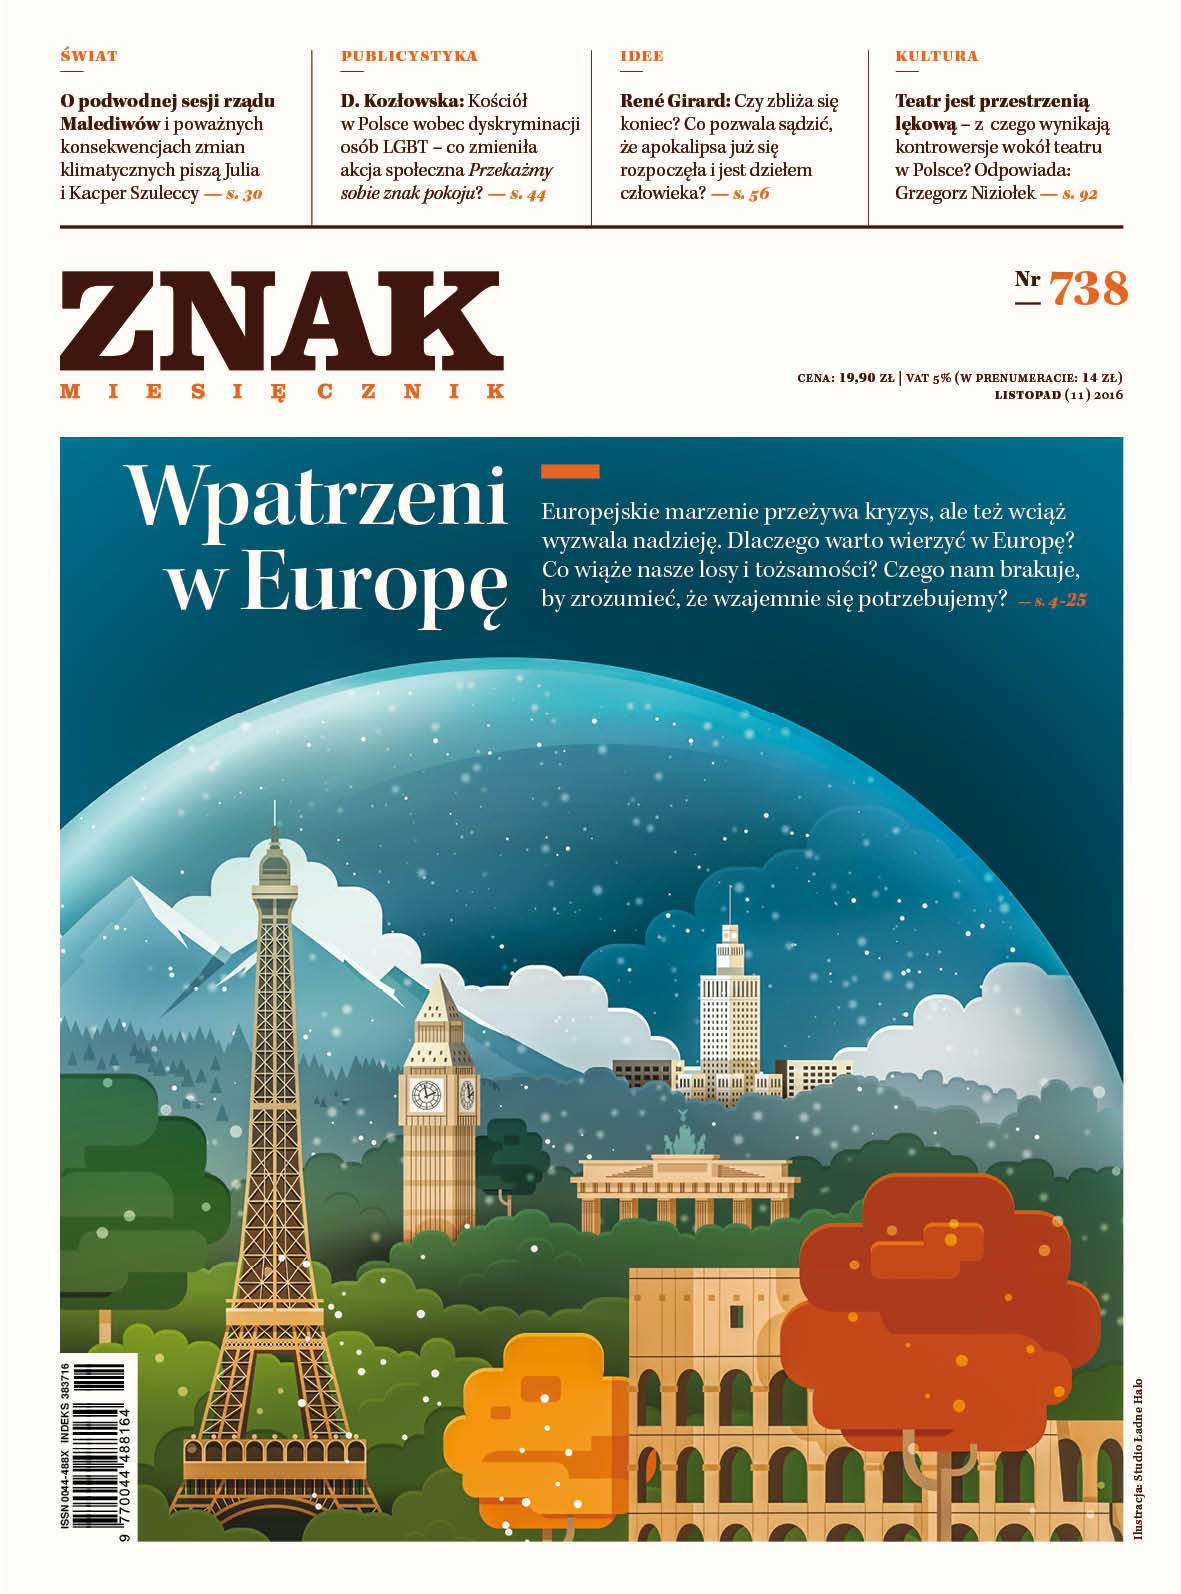 Miesięcznik Znak nr 738: Wpatrzeni w Europę - Ebook (Książka na Kindle) do pobrania w formacie MOBI